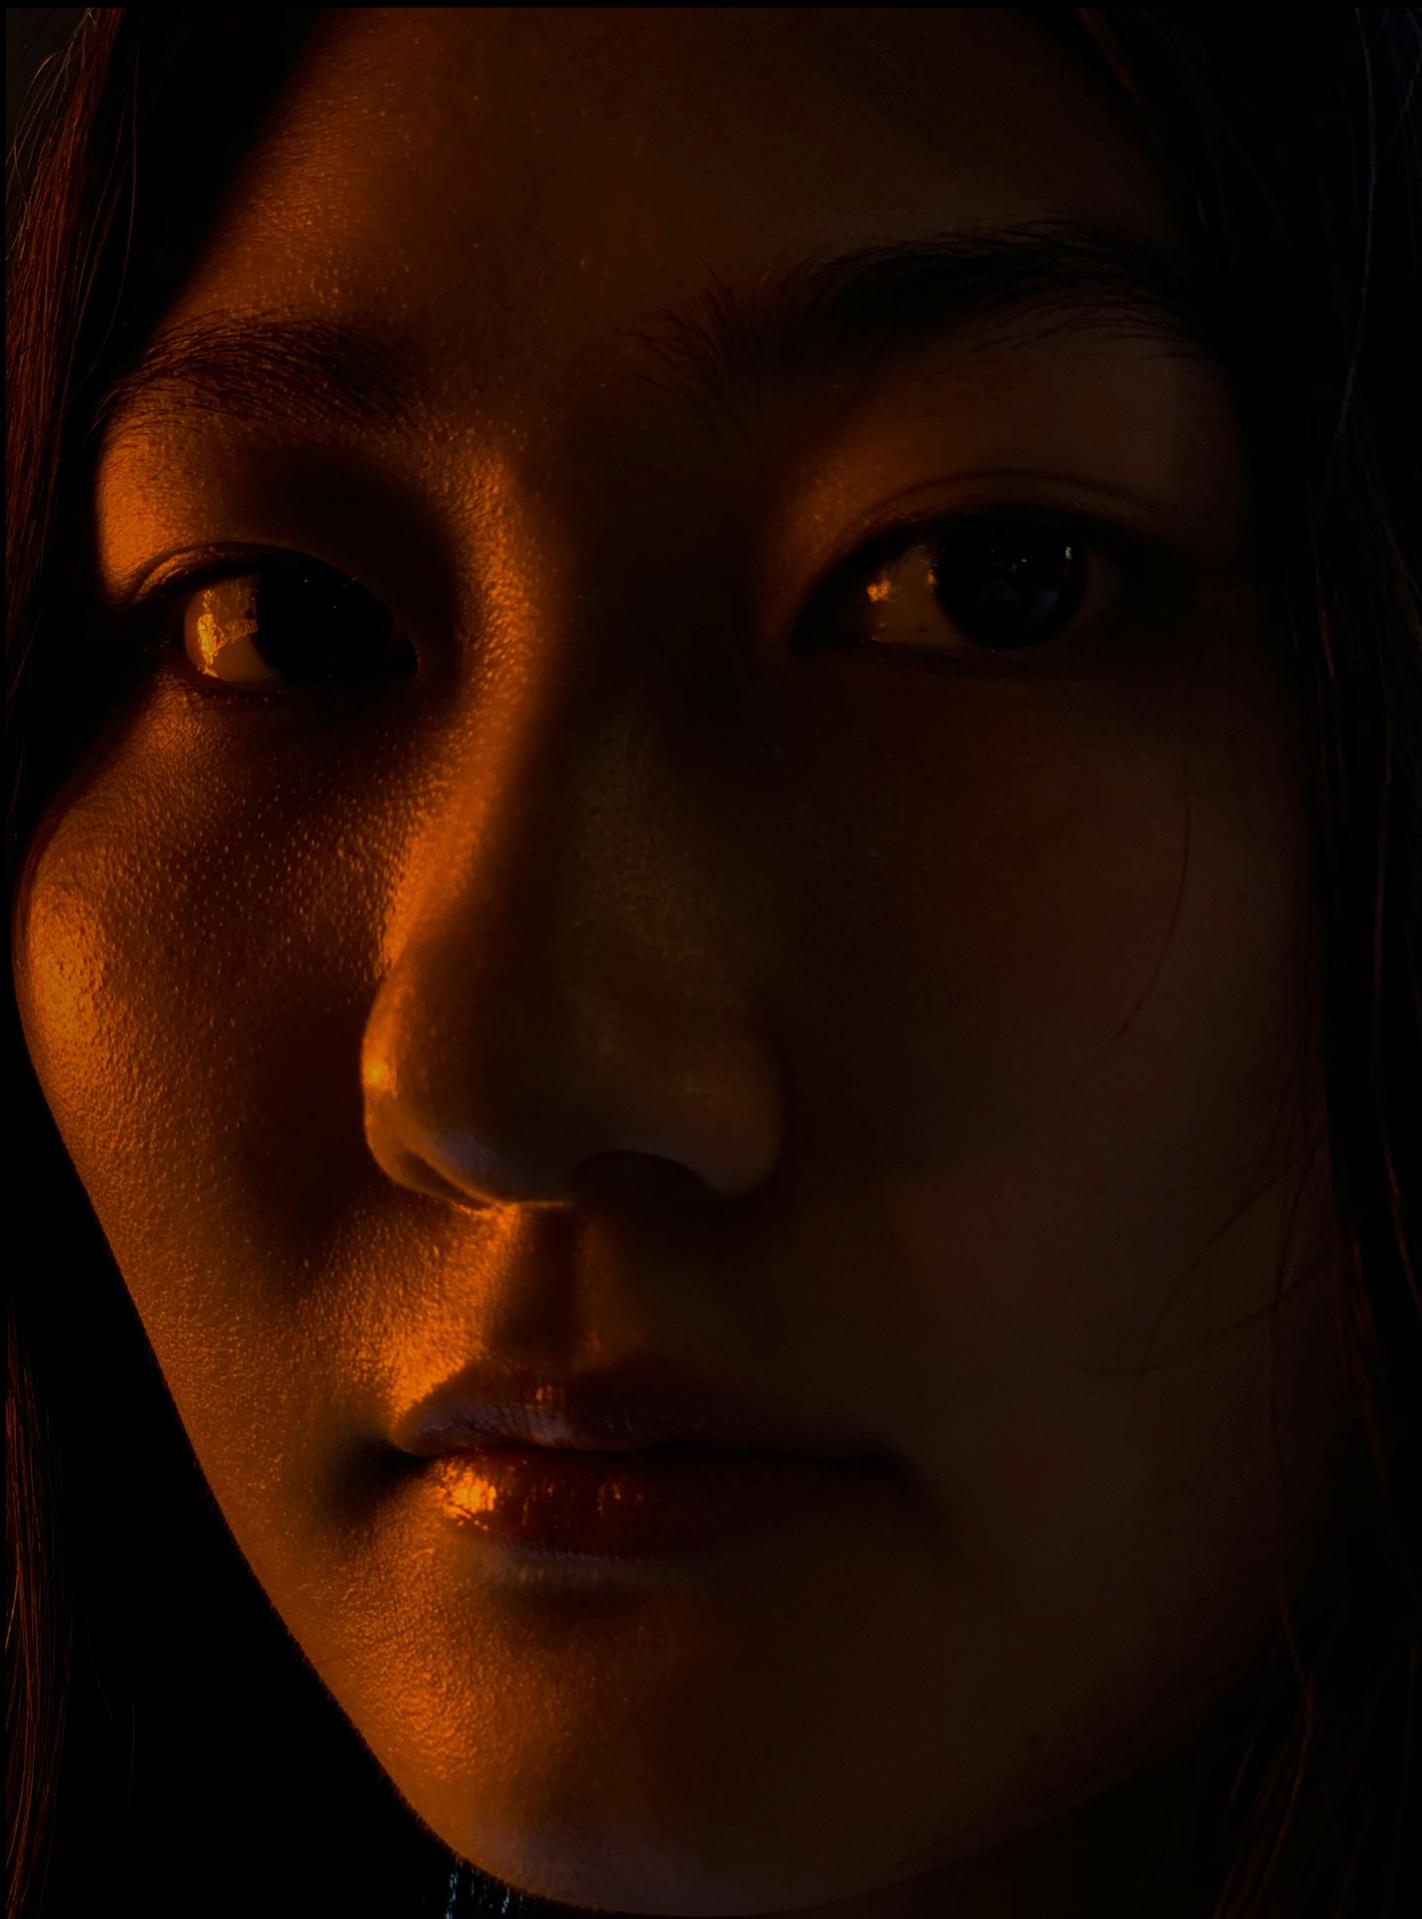 Retrato a oscuras hecho con un iPhone XS